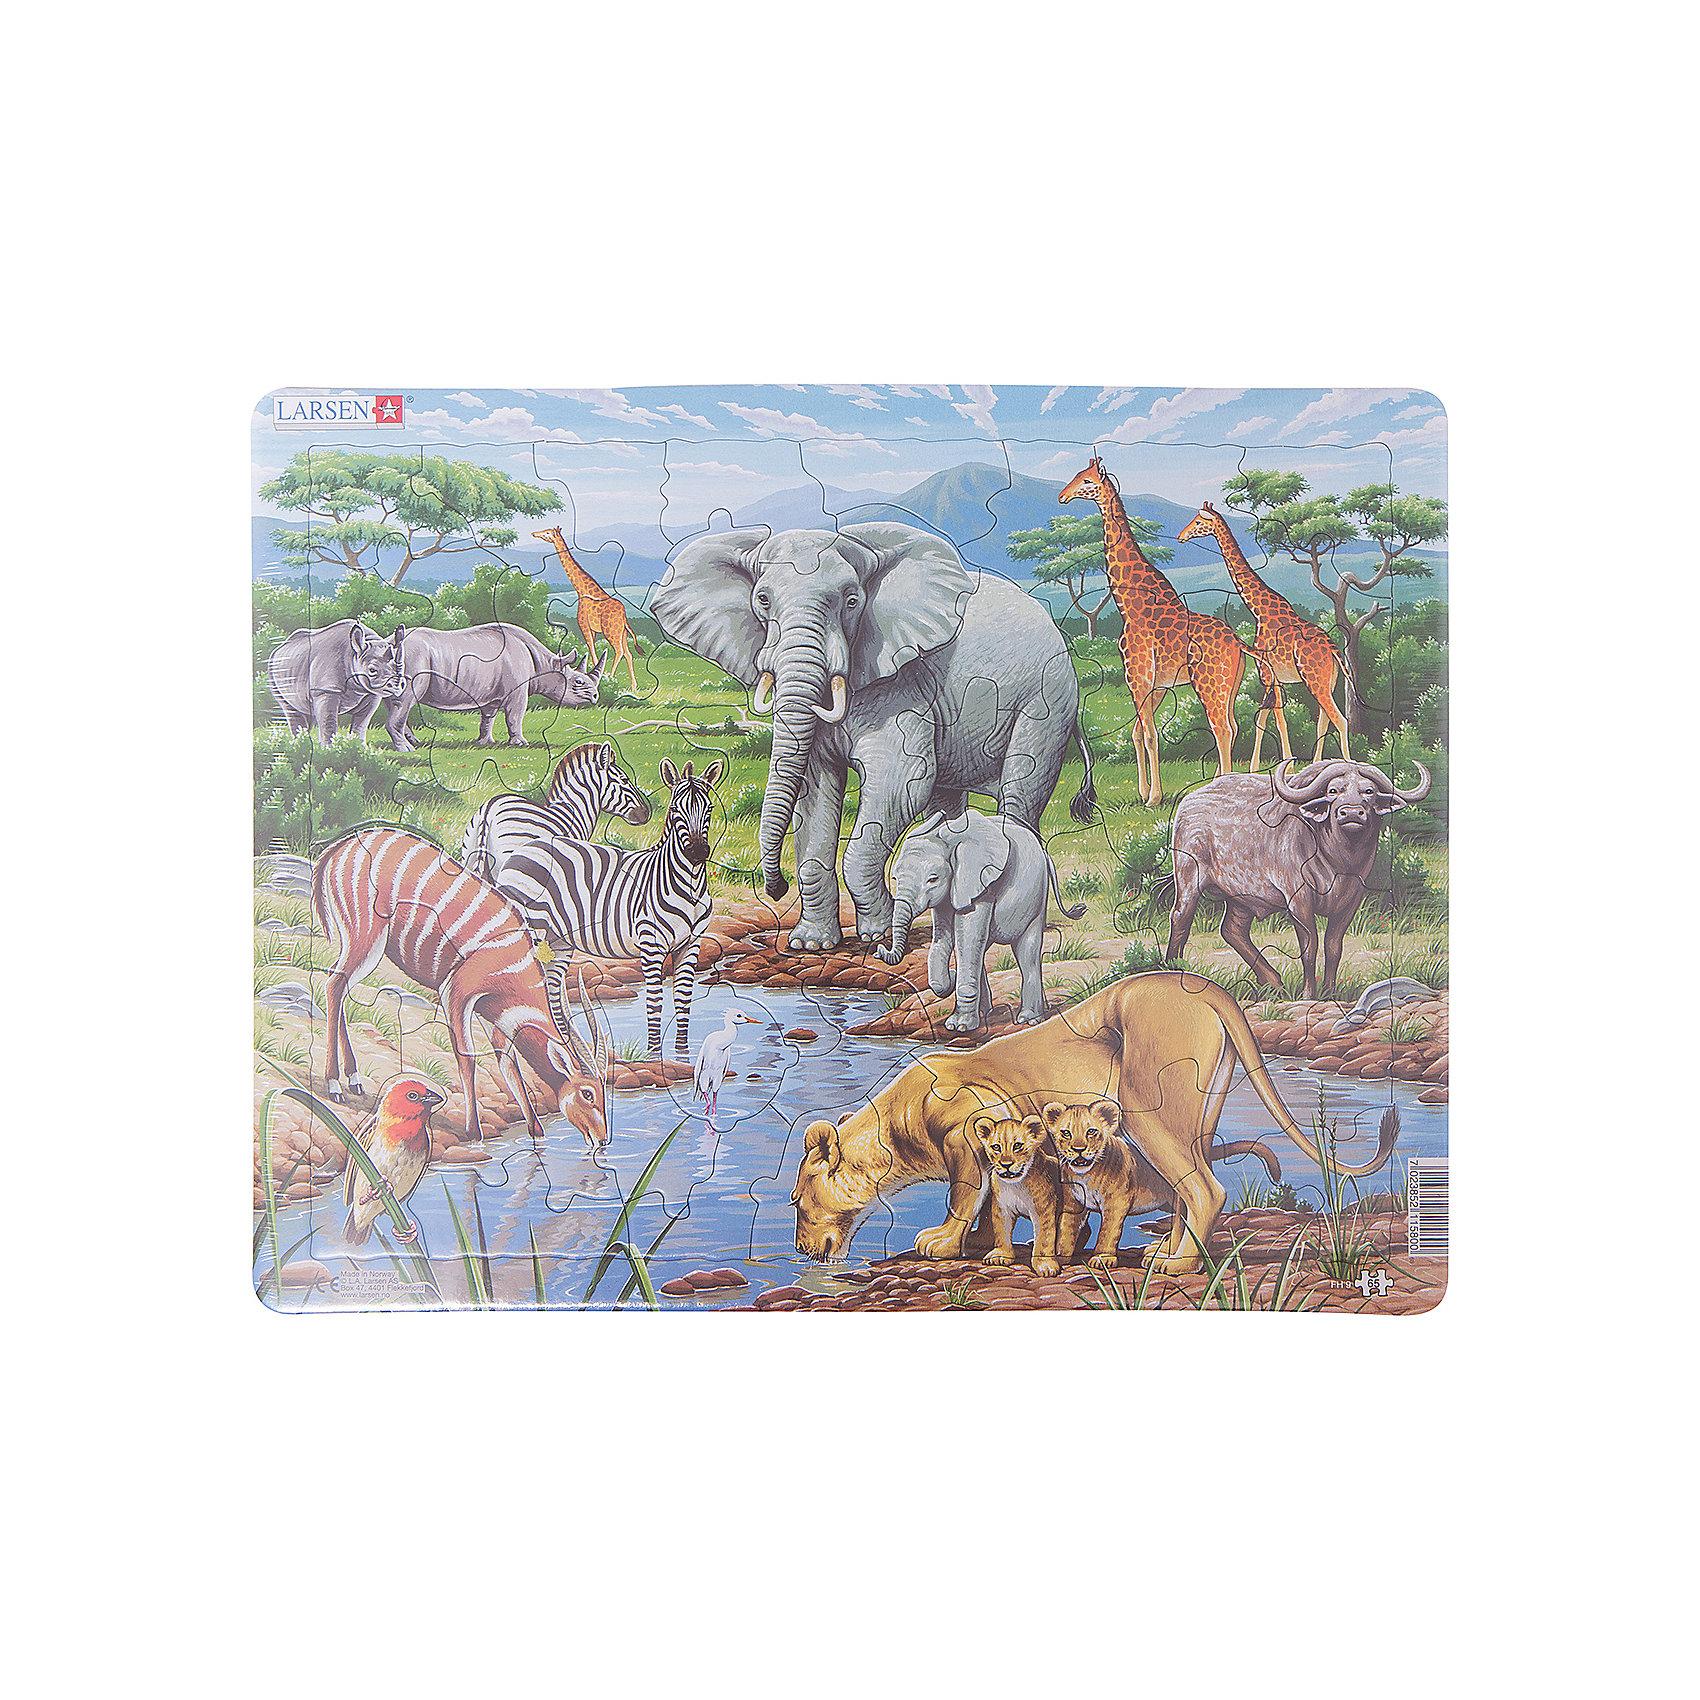 Пазл Африканская саванна, 65 деталей, LarsenПазлы Ларсен - это прежде всего обучающие пазлы.  Яркая серия Флора и Фауна предназначена для детей от 6 лет. С фотографической точностью прорисованы обитатели и растительный мир самых отдаленных уголков планеты.  Многообразие форм вырубки и различные размеры отдельных элементов способствуют развитию мелкой моторики у малышей.  Сделанные из высококачественного трехслойного картона, они не деформируются и легко берутся в руки. Животные вокруг пруда. Виды: носороги, жирафы, слон и слонёнок, зебры, буйвол, антилопа, львица со львятами. Все пазлы снабжены специальной подложкой, благодаря чему их удобно собирать. В наборе: 65 элементов пазла.<br><br>Ширина мм: 365<br>Глубина мм: 5<br>Высота мм: 285<br>Вес г: 320<br>Возраст от месяцев: 36<br>Возраст до месяцев: 1188<br>Пол: Унисекс<br>Возраст: Детский<br>SKU: 4761478